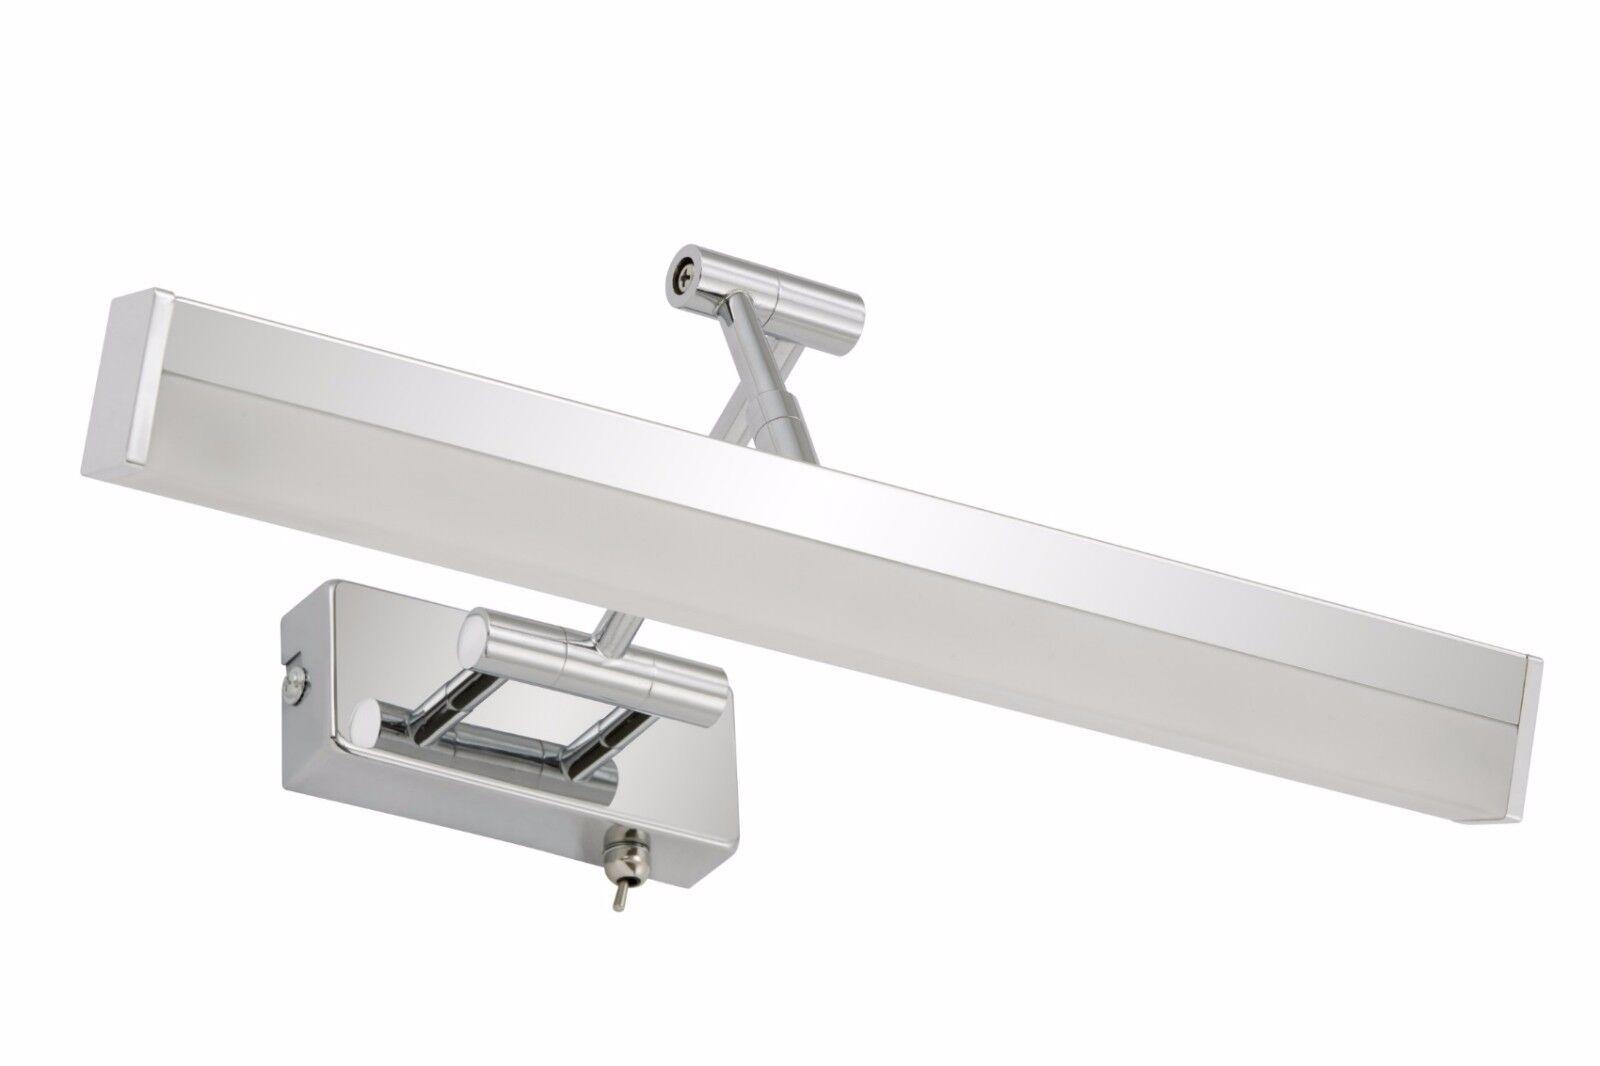 Briloner Bad Wandleuchte 1-flammig SPLASH Metall chrom 6W LED mit Kippschalter